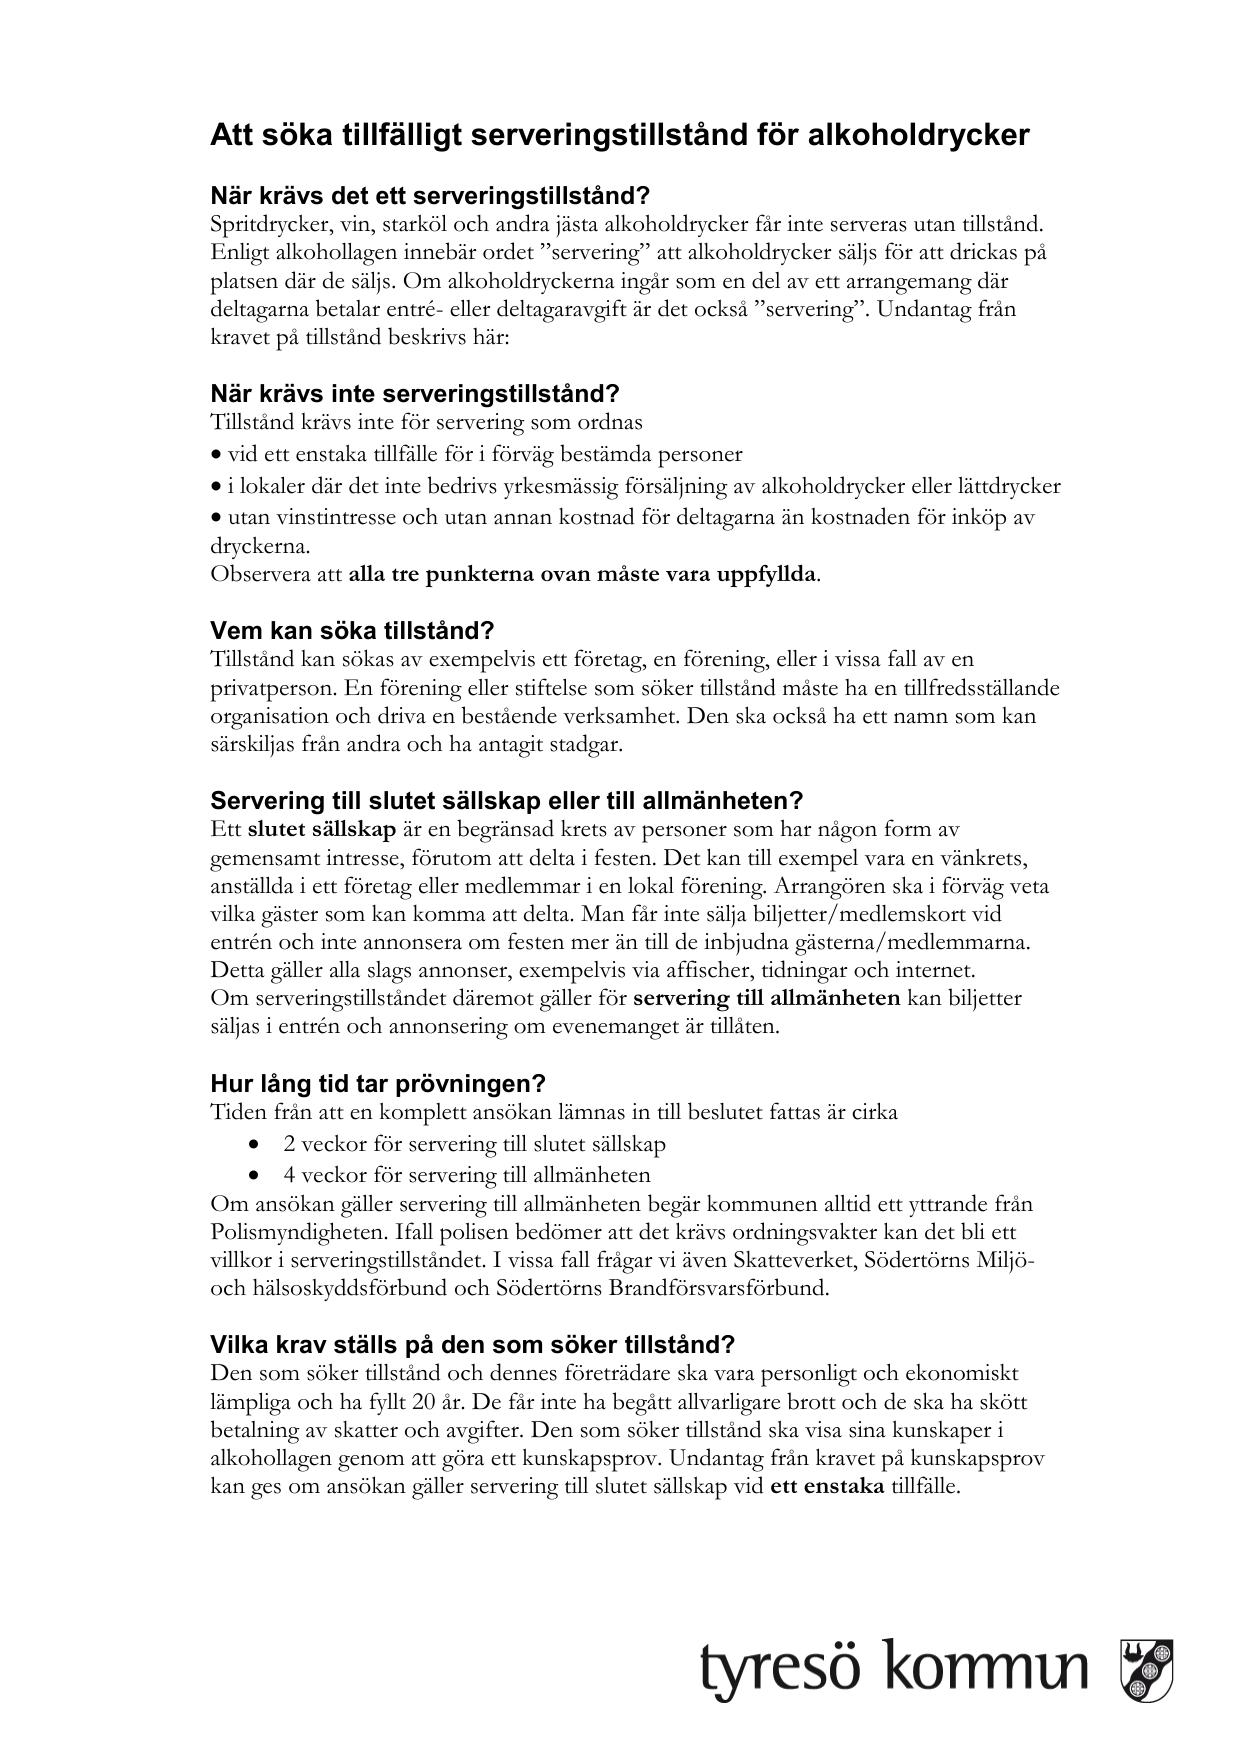 Checklista handläggning av serveringstillstånd c5e3b60179609